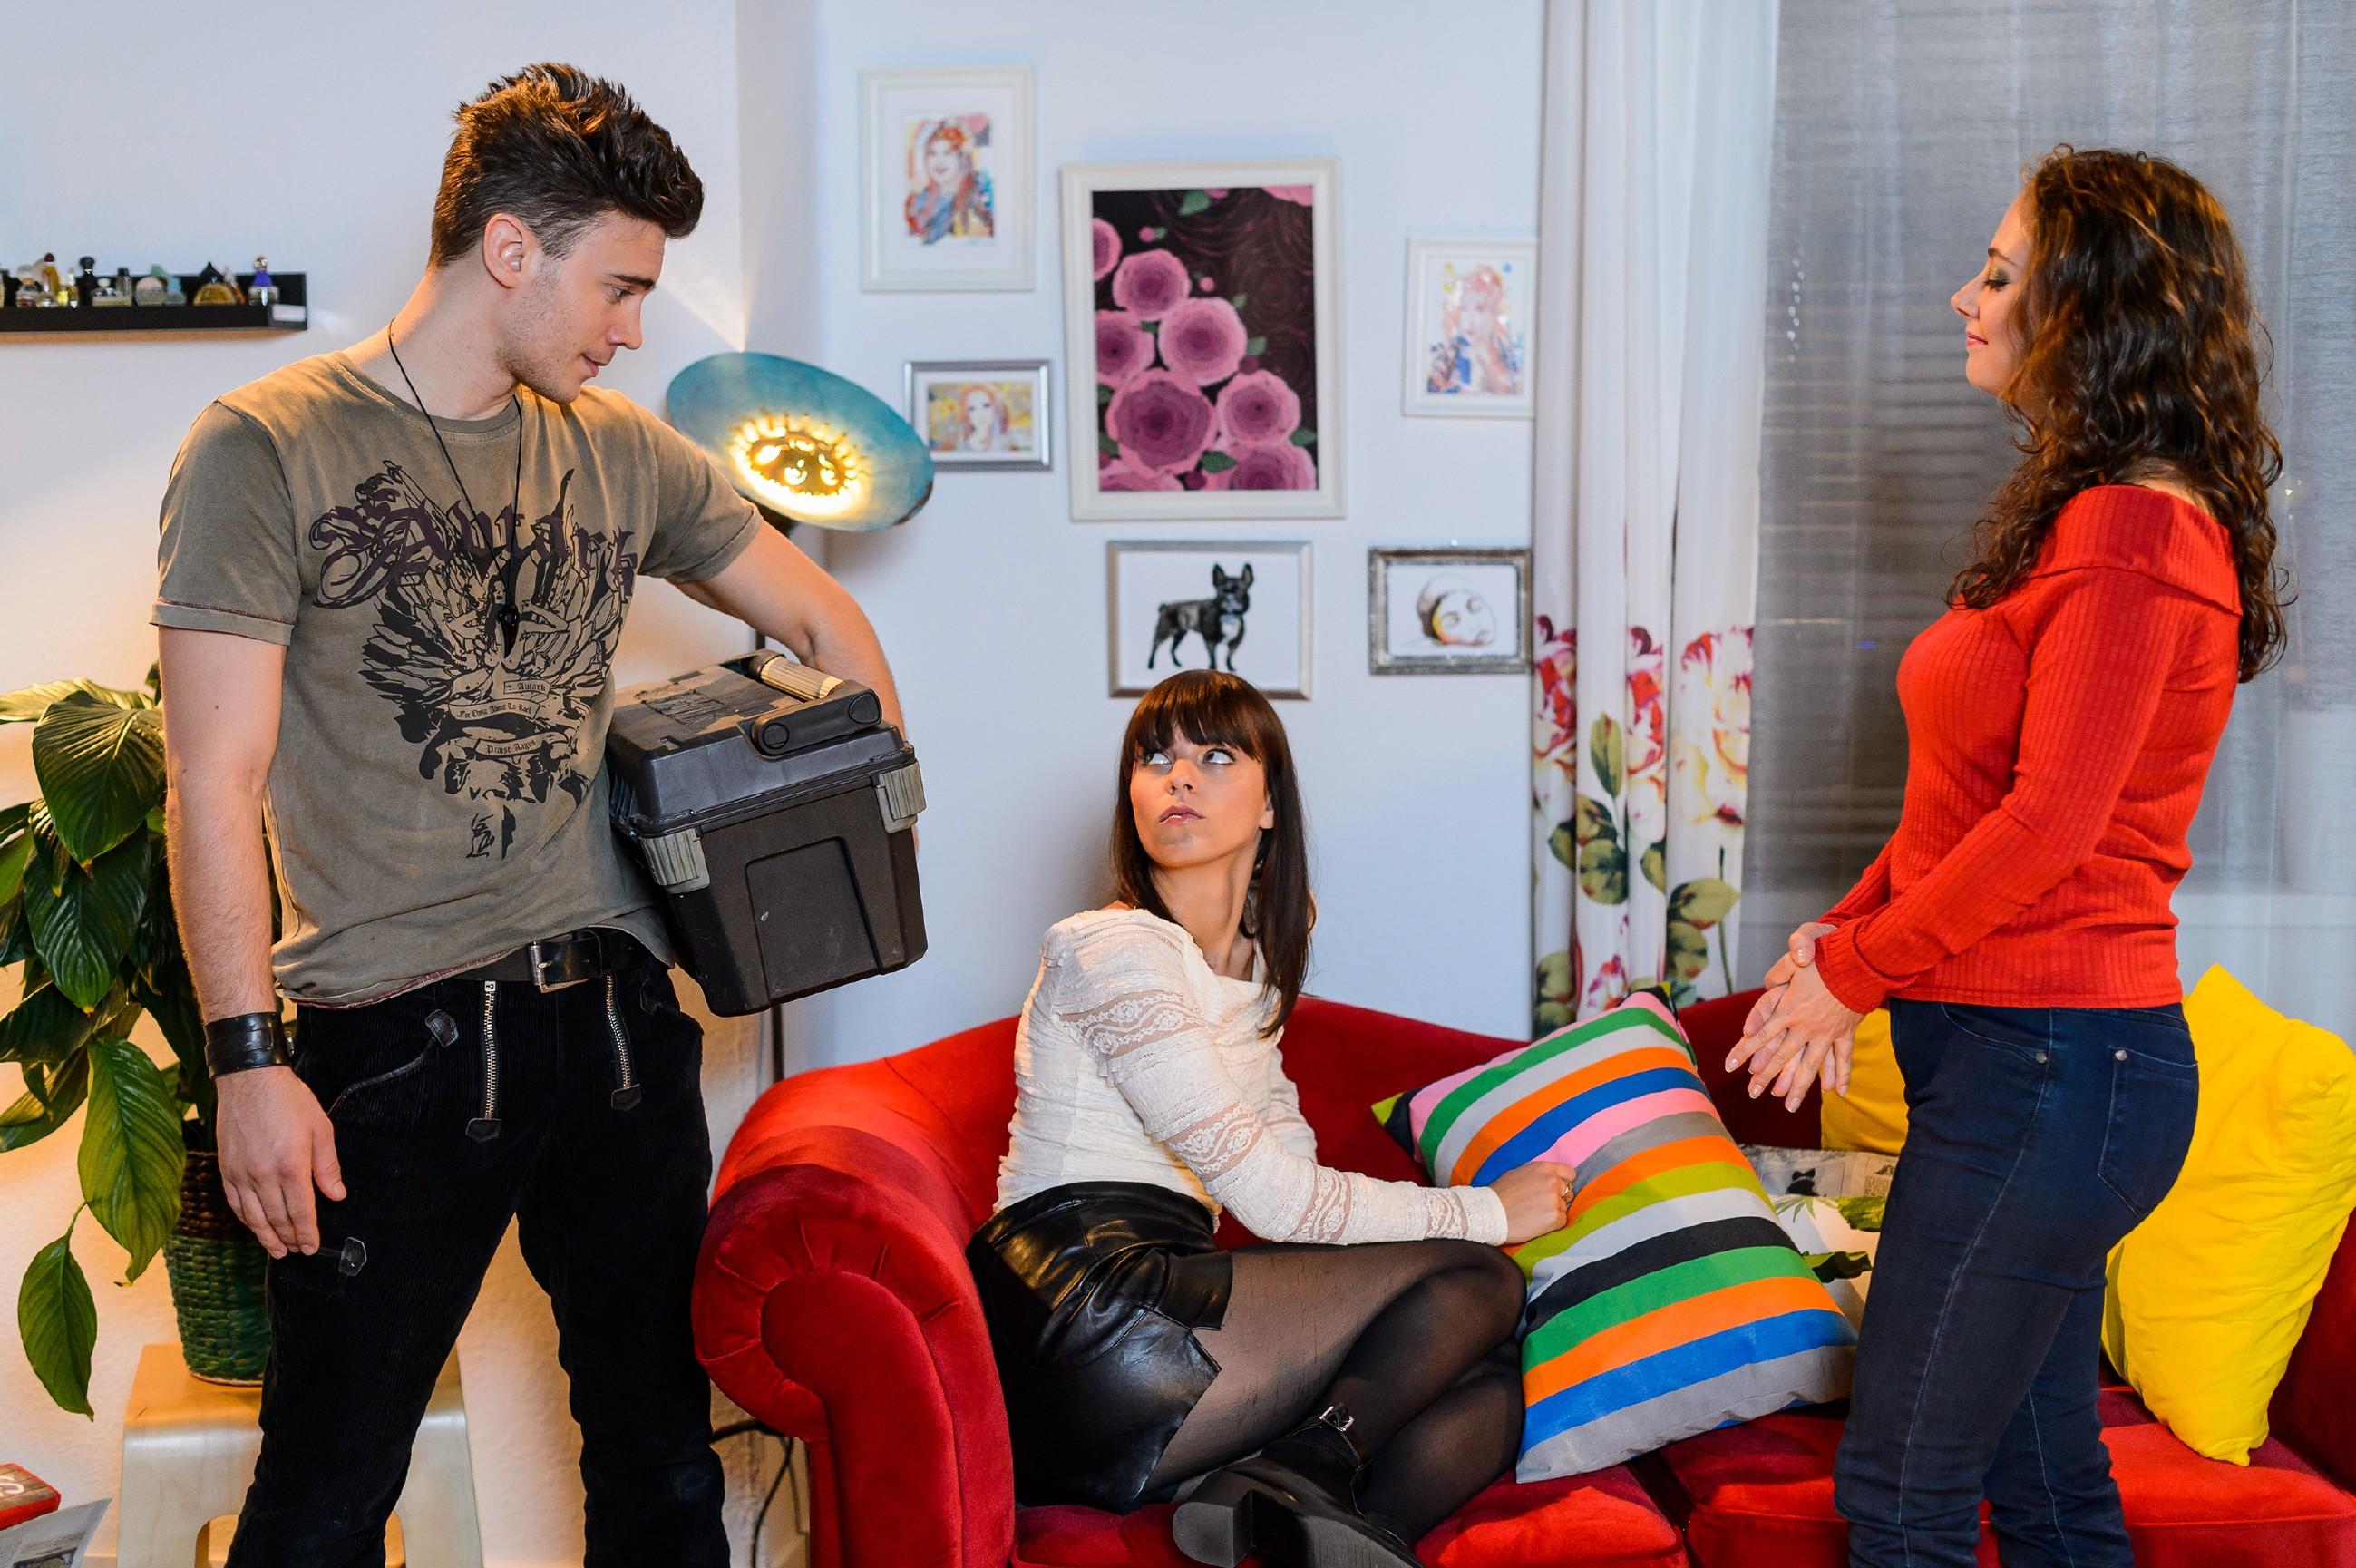 Im Gegensatz zu Michelle (Franziska Benz, M.) ist Ronny (Bela Klentze) begeistert, dass sie Nachbarn sind - was Carmen (Heike Warmuth) mit Skepsis zur Kenntnis nimmt. (Quelle: RTL / Willi Weber)